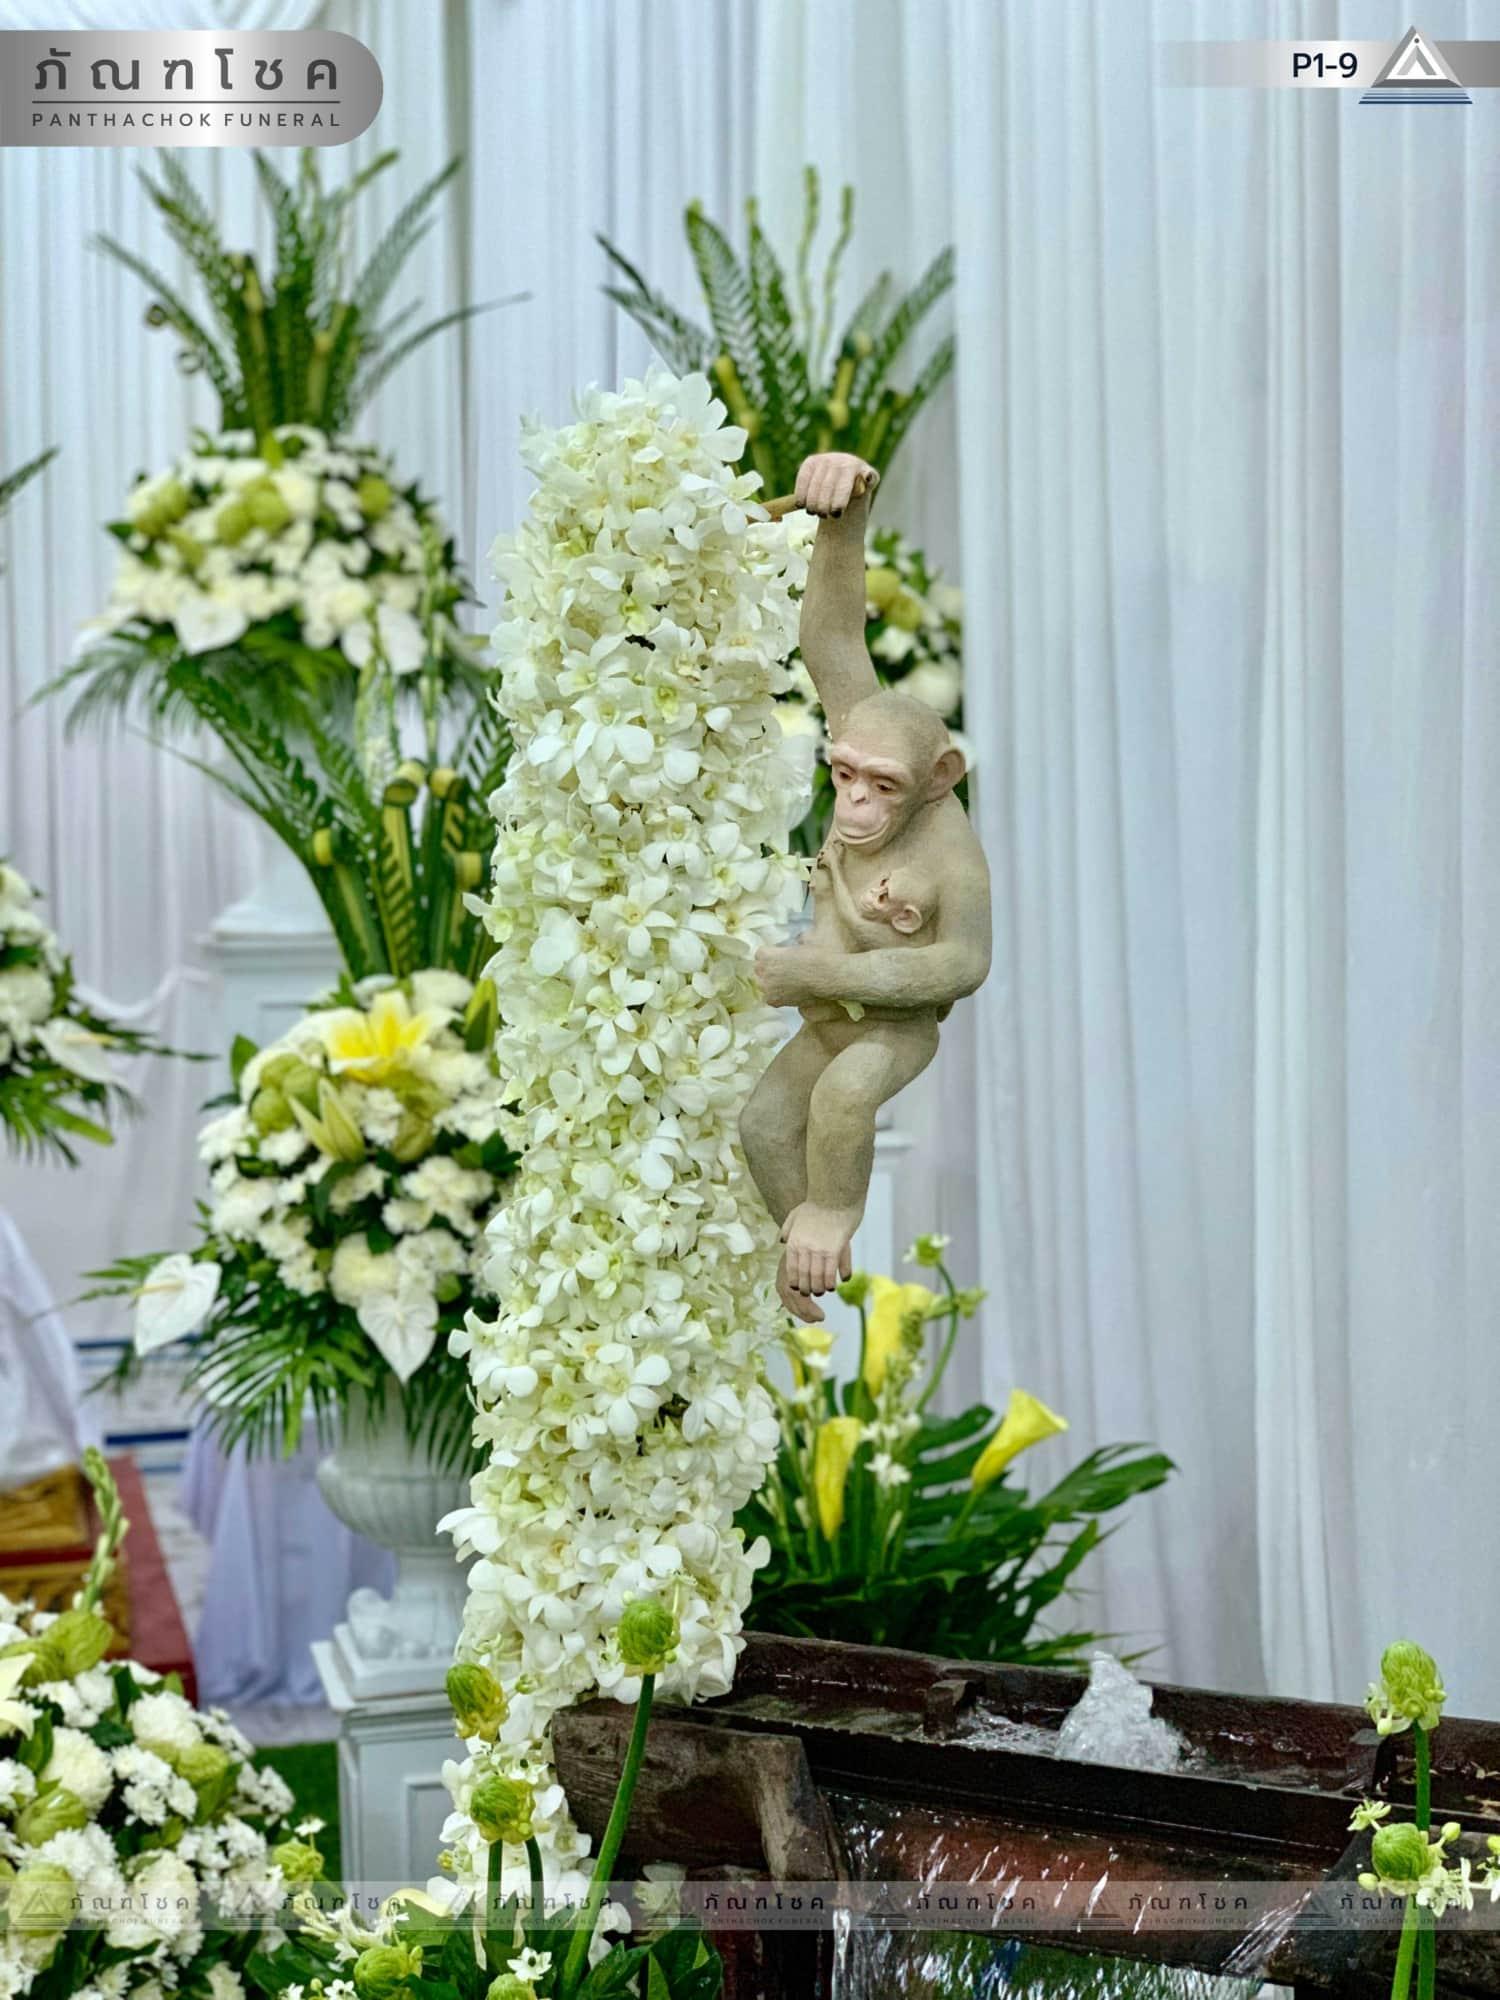 ดอกไม้หน้าศพ-ชุด-p1-9 52